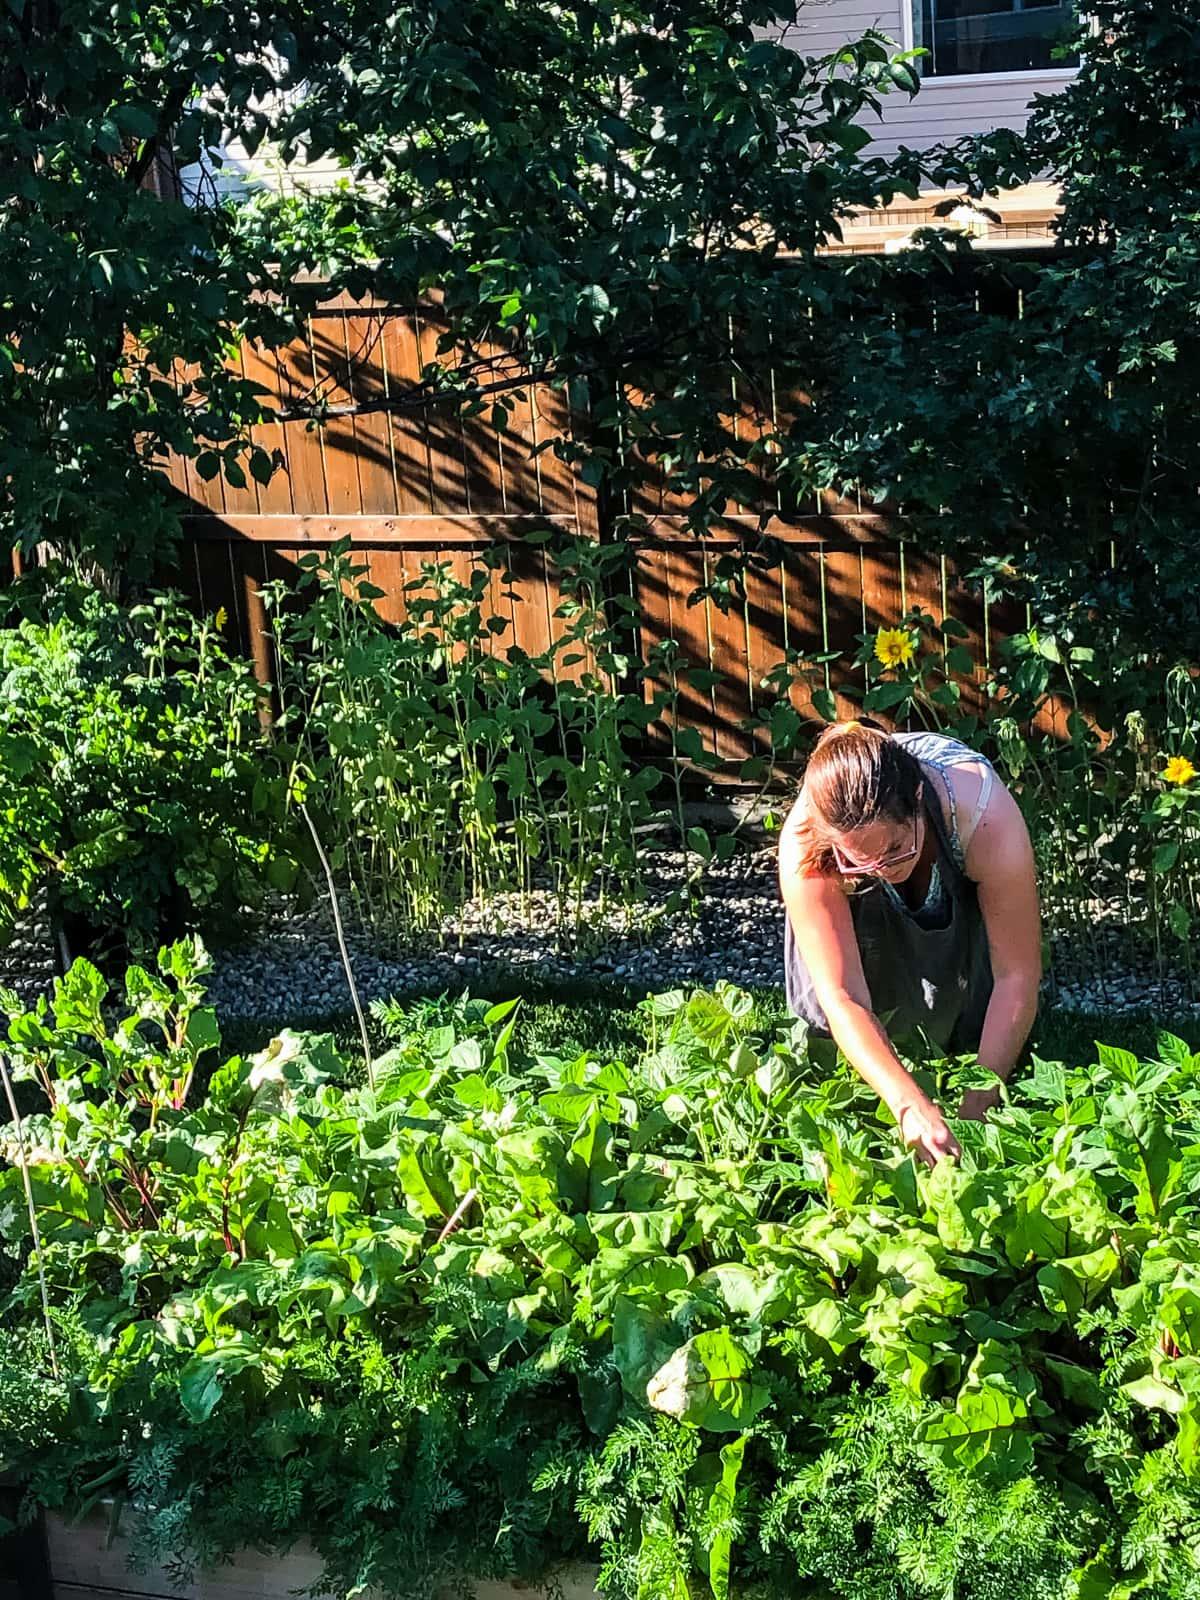 a woman picking beans from an urban vegetable garden